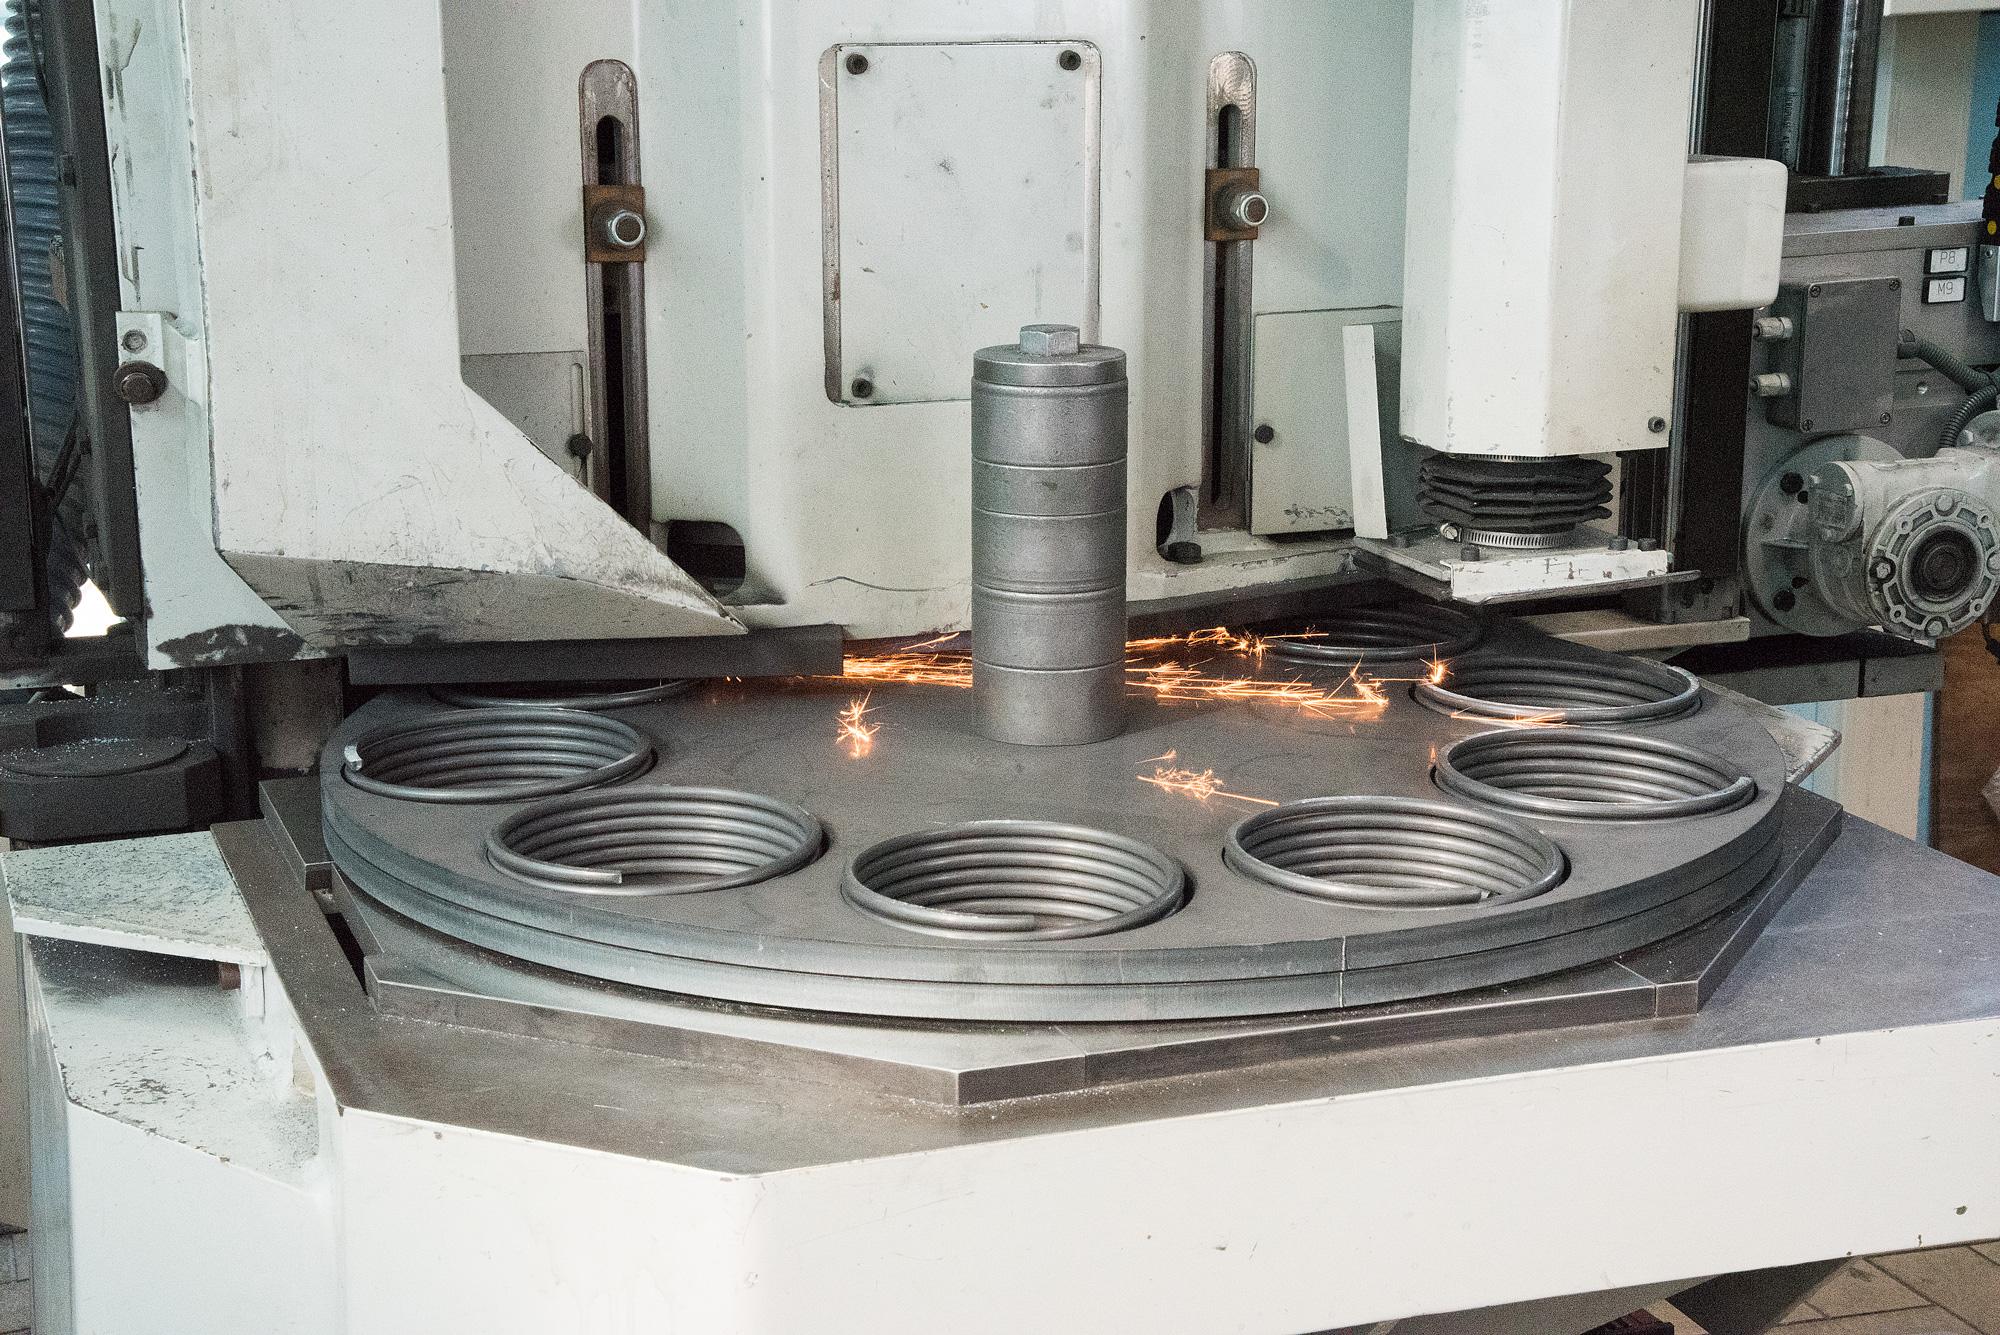 fabbrica-produttore-molle-industria-meccanica-mollificio-astigiano-belveglio-asti-italia